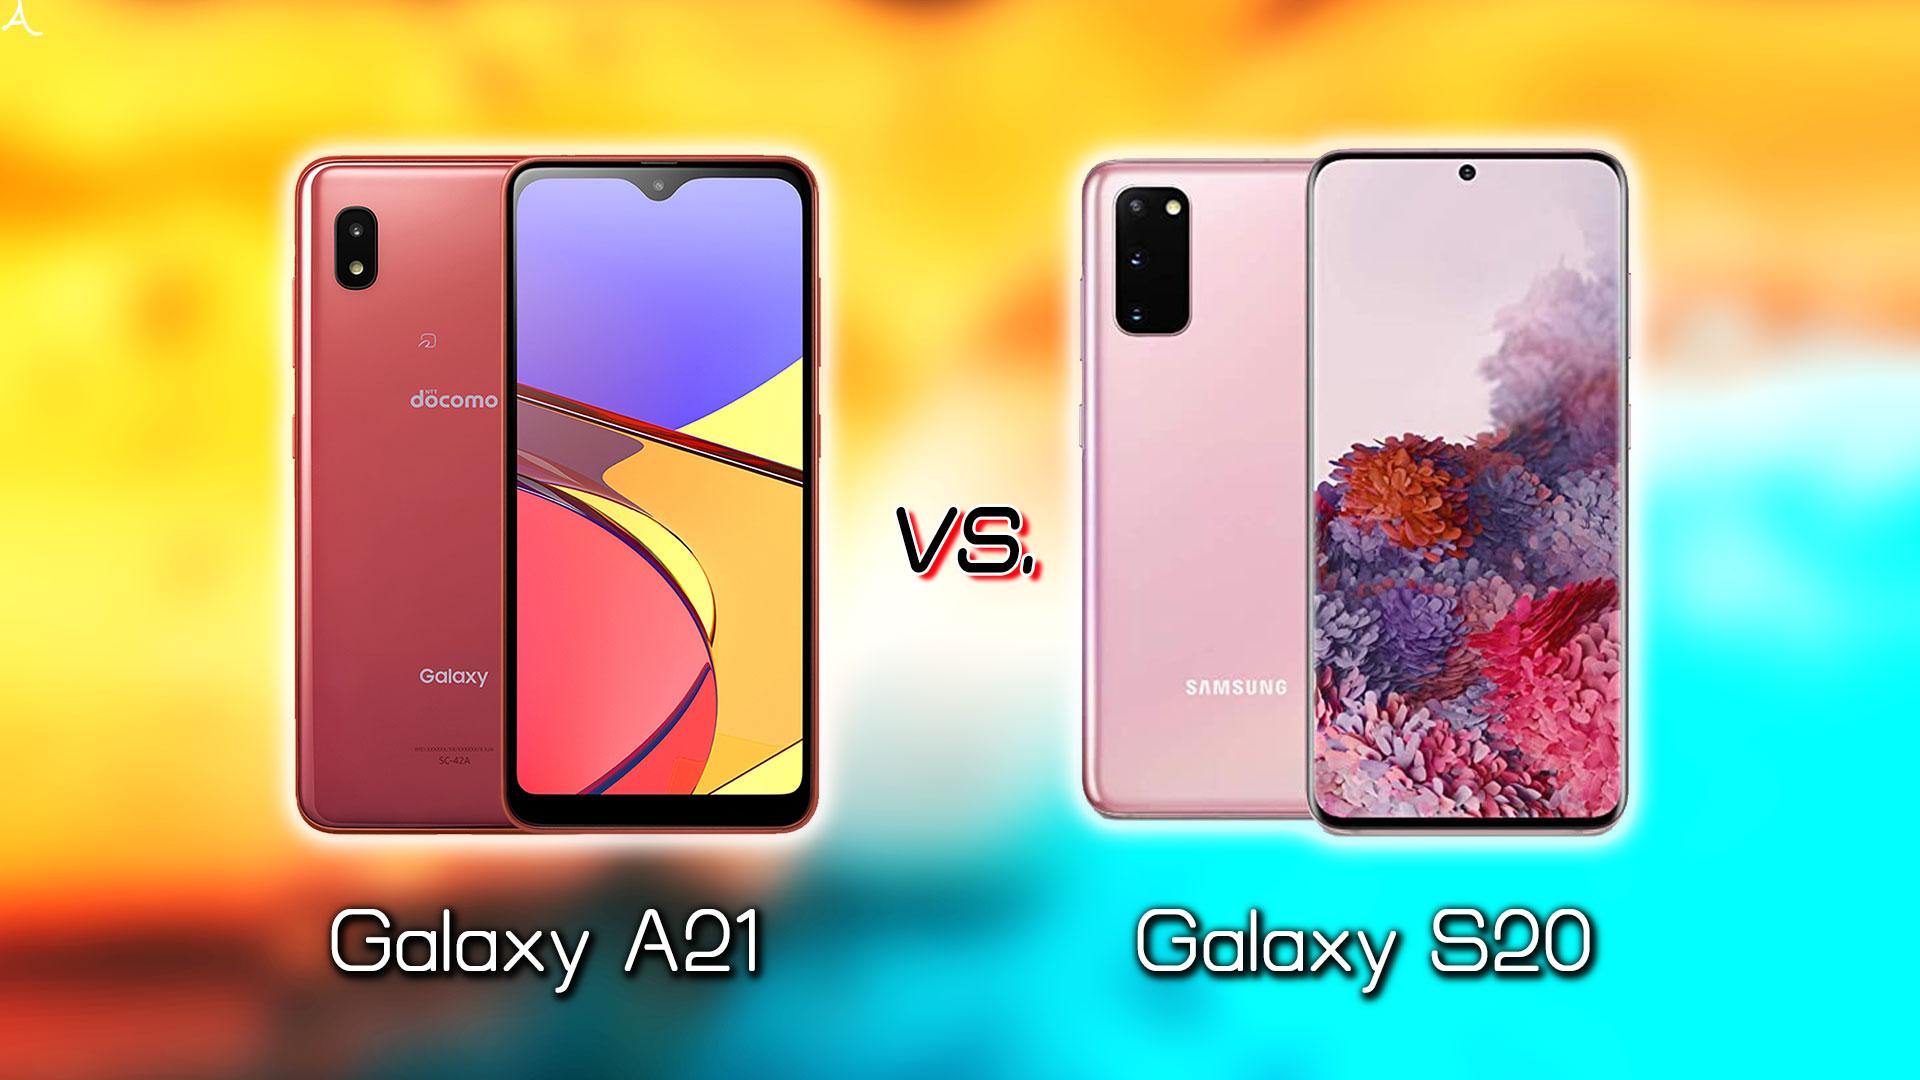 「Galaxy A21」と「Galaxy S20」の違いを比較:どっちを買う?